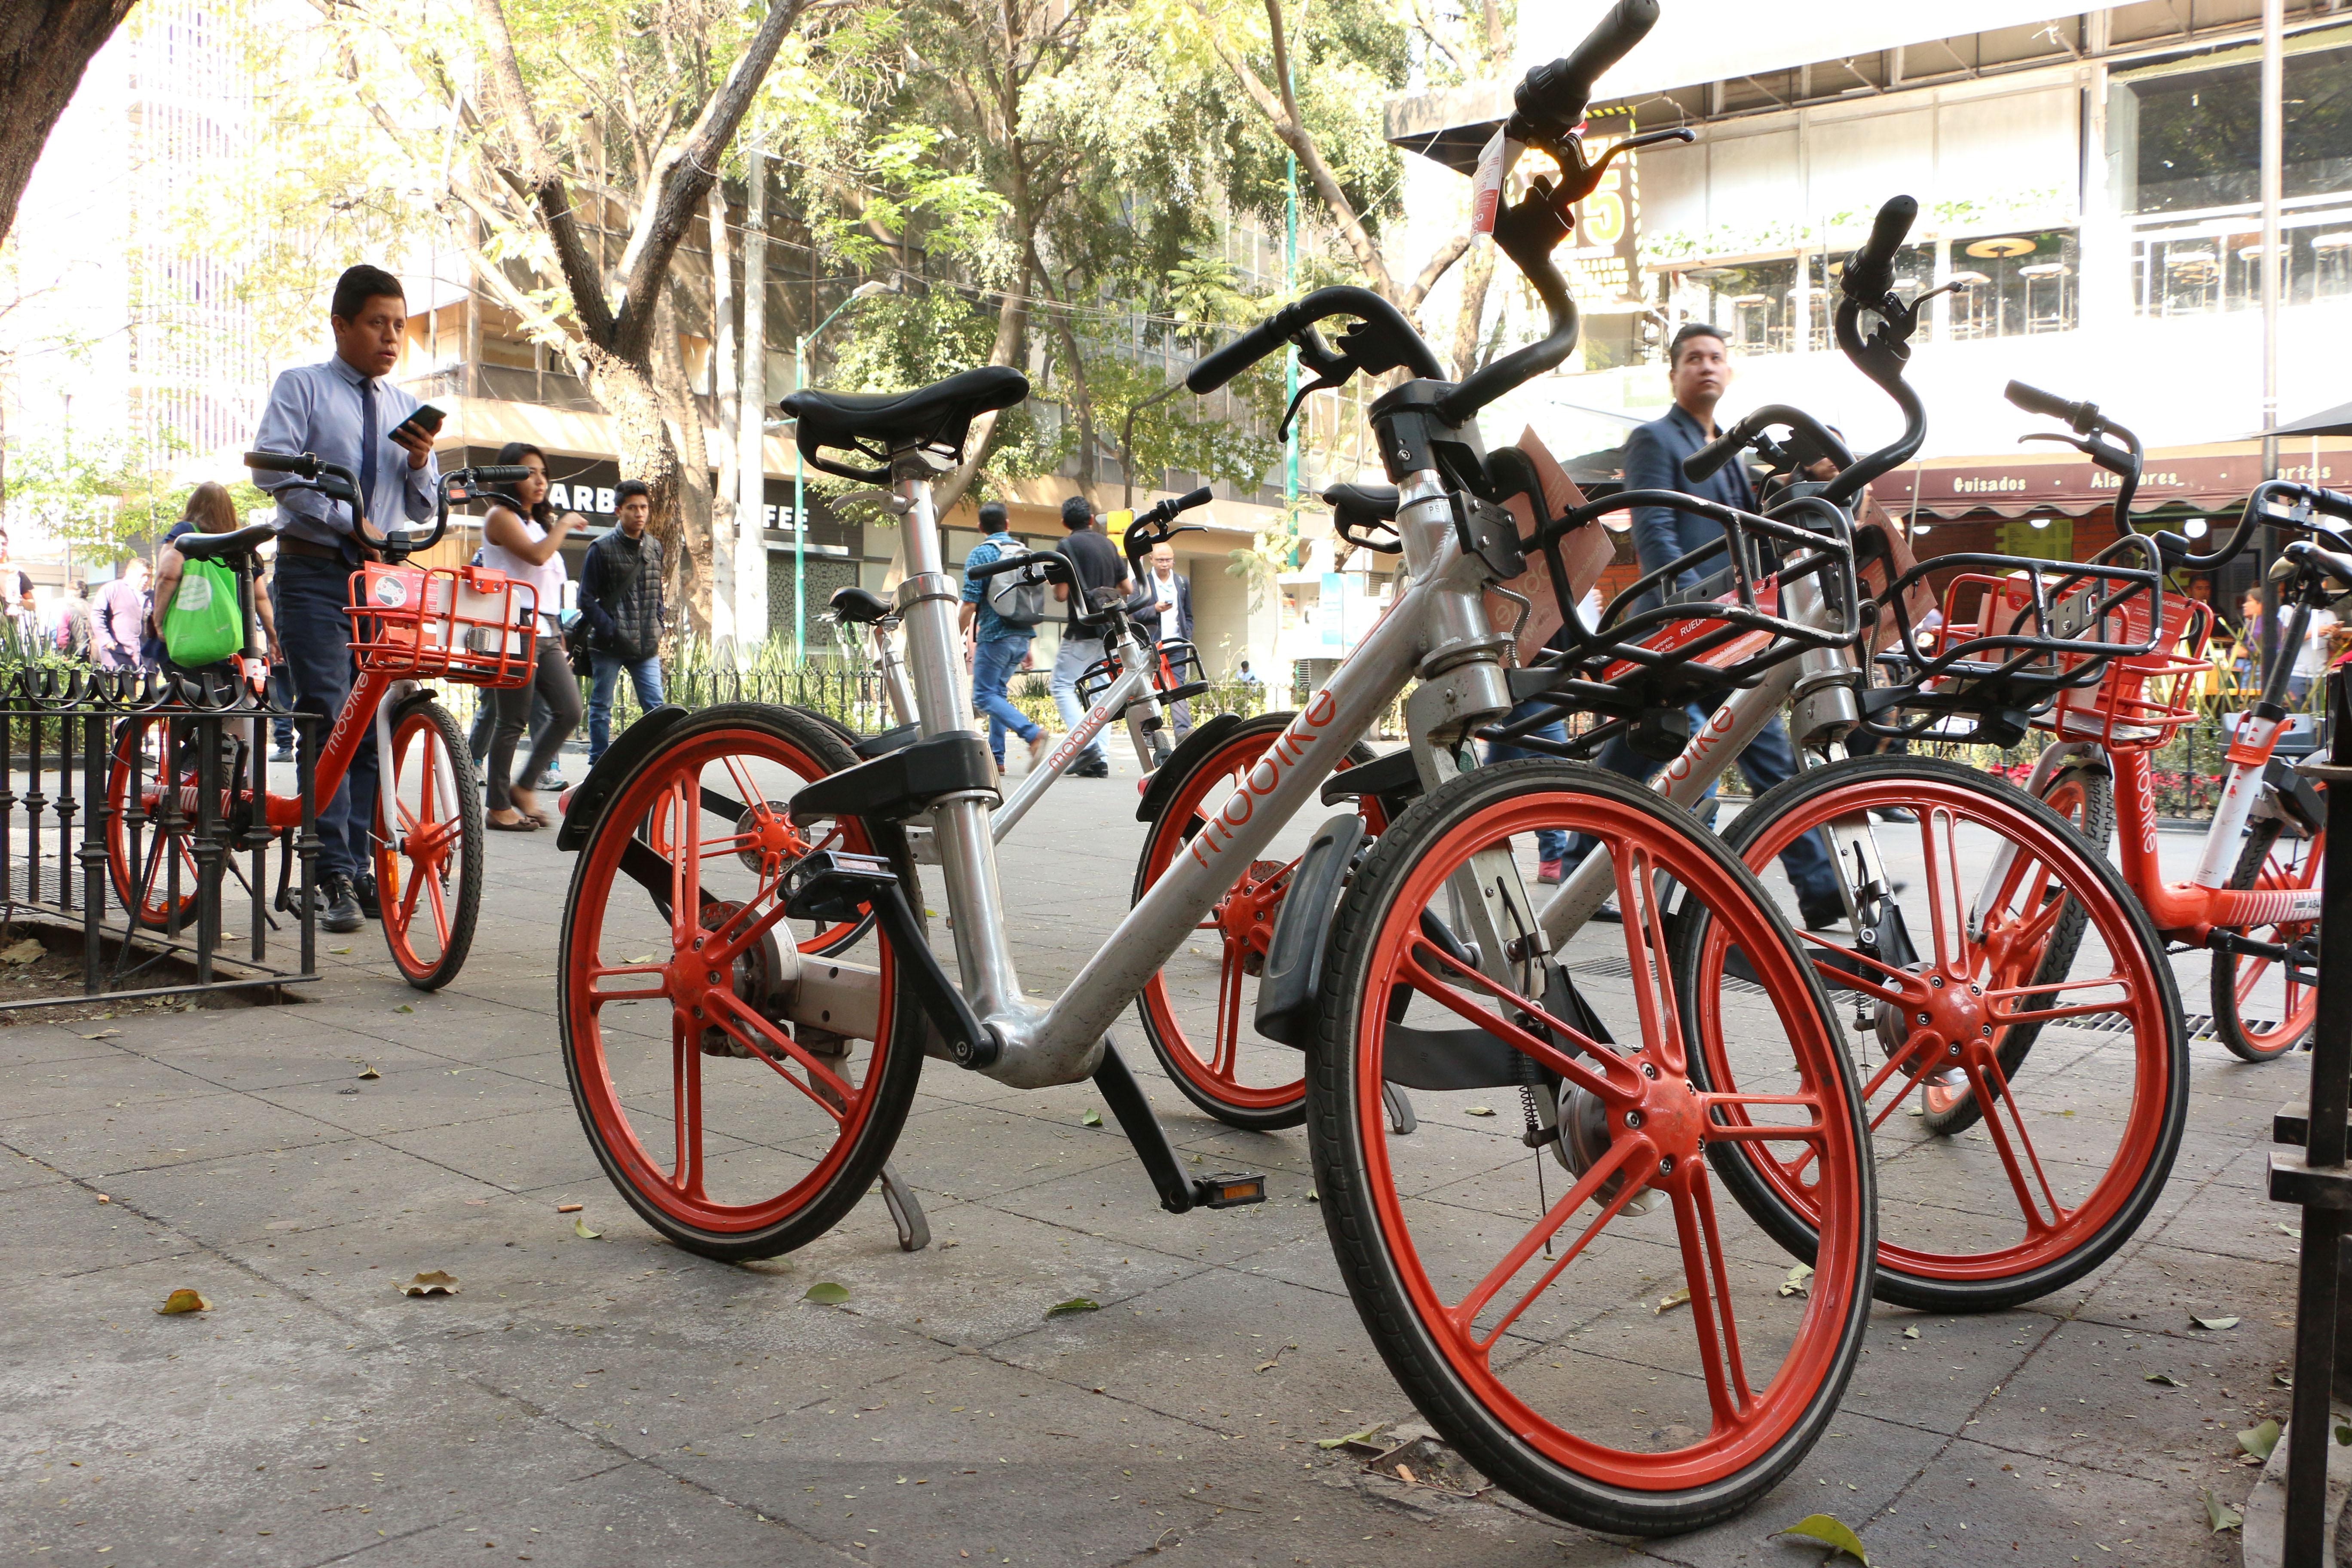 El servicio de bicicletas sin anclaje en la CDMX se ha convertido en un gran problema para la movilidad de los peatones (Foto: Cuartoscuro)